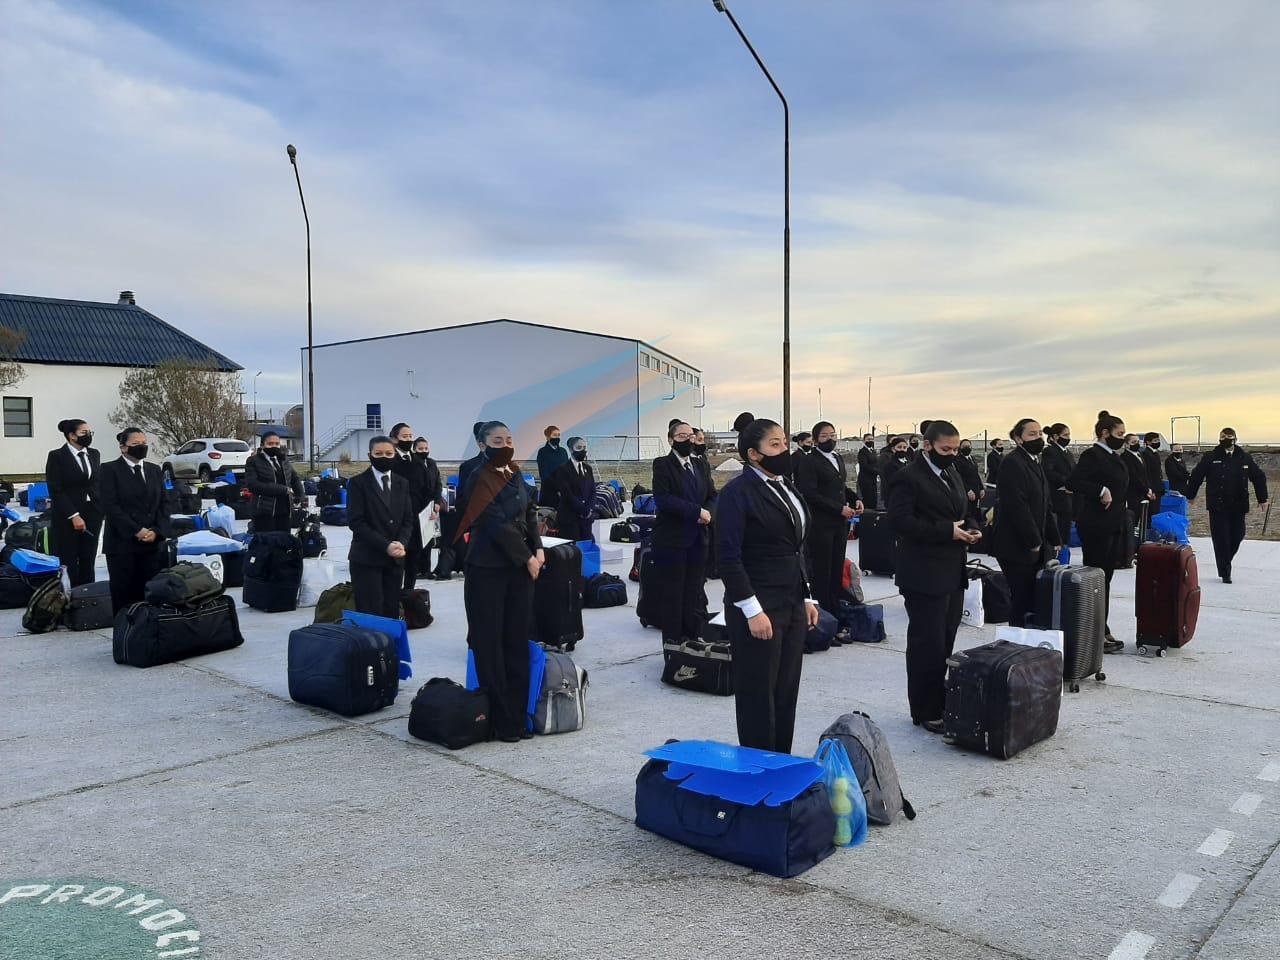 ingresaron-140-mujeres-aspirantes-a-agentes-a-la-escuela-de-policia